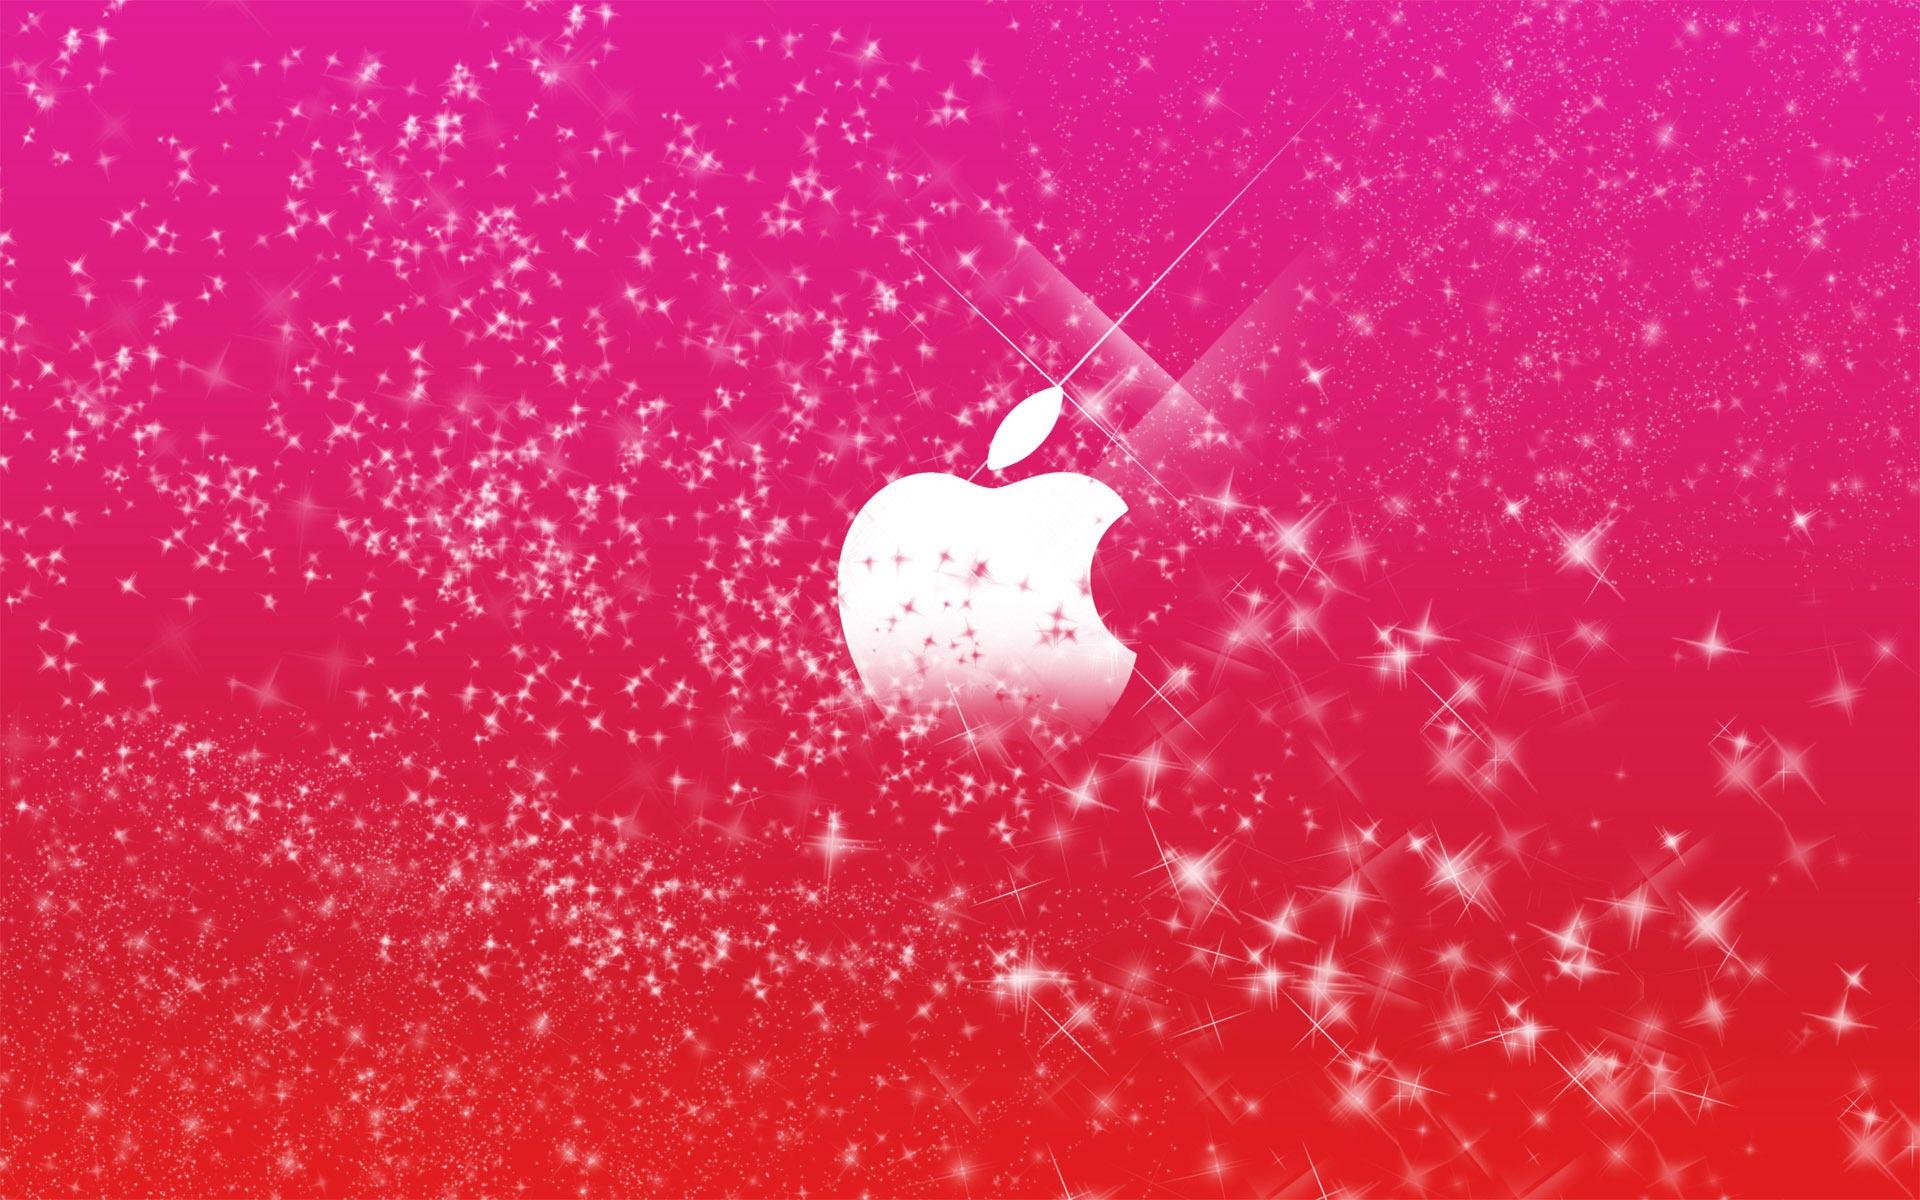 Butterfly Girl Hd Wallpaper Girly Backgrounds Desktop Pixelstalk Net